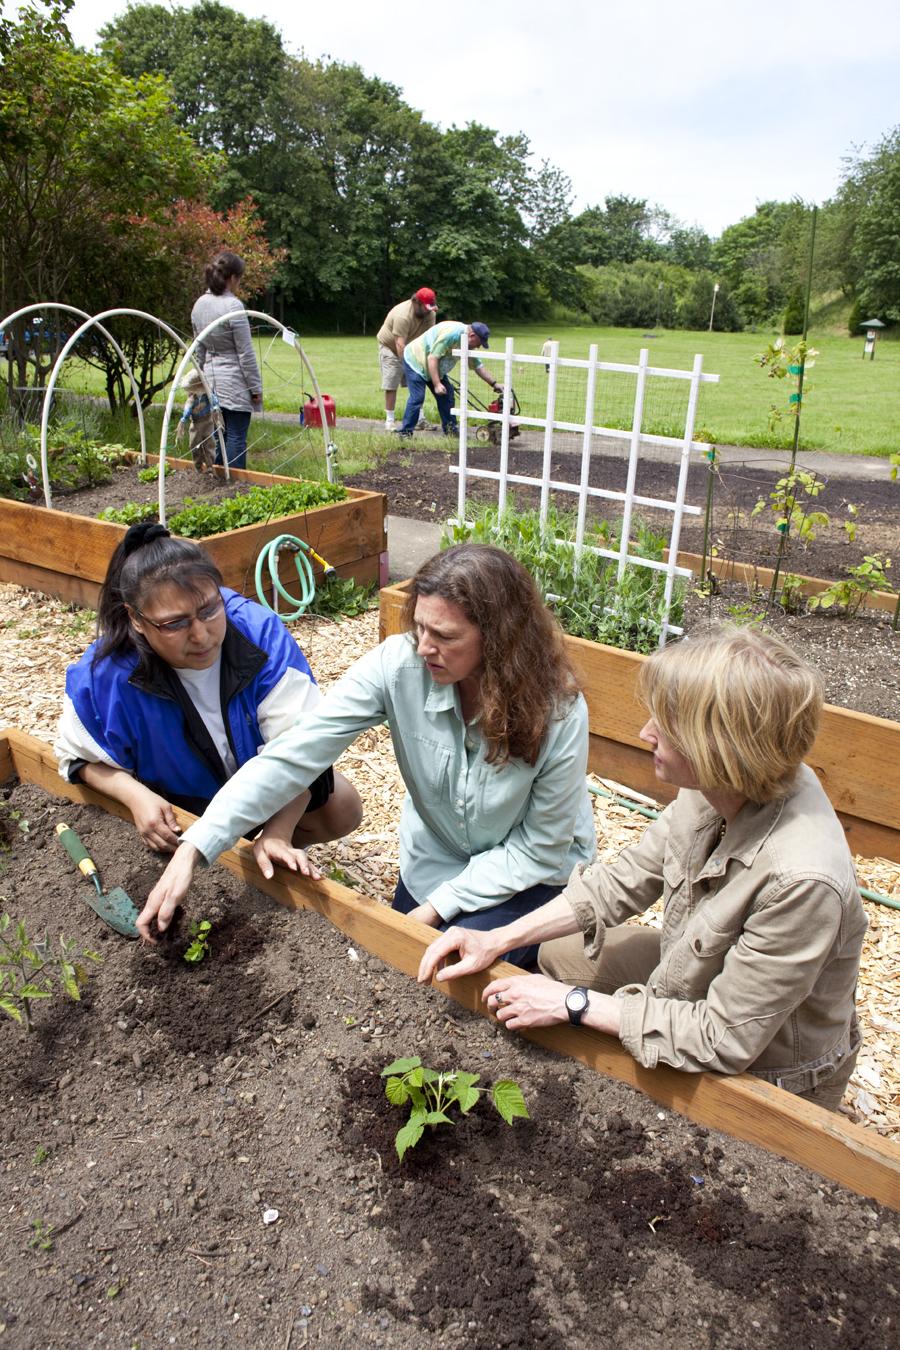 Sharing garden knowledge.